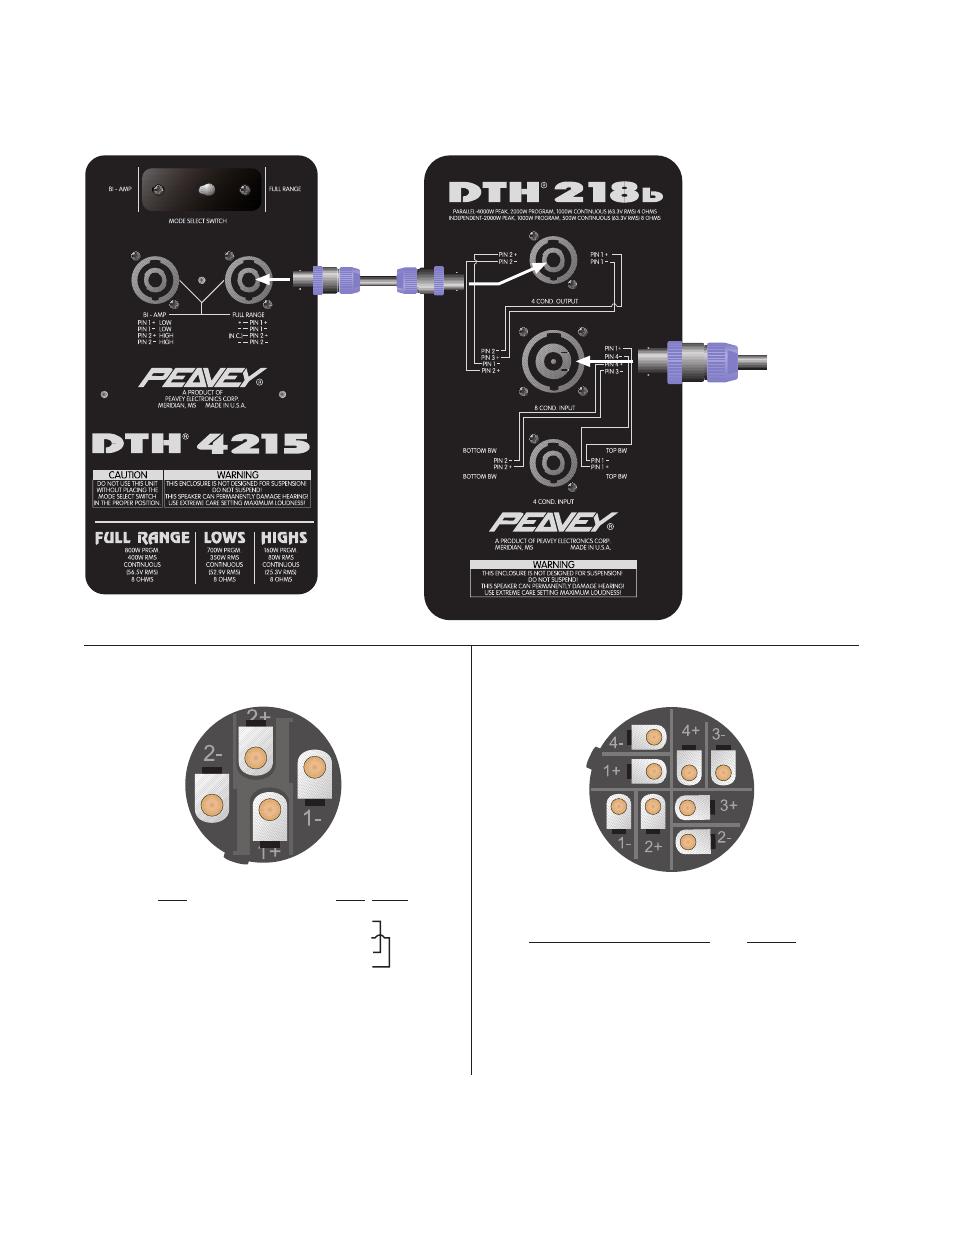 Wiring Diagram  Pin Speakon  Number  Wire Scheme